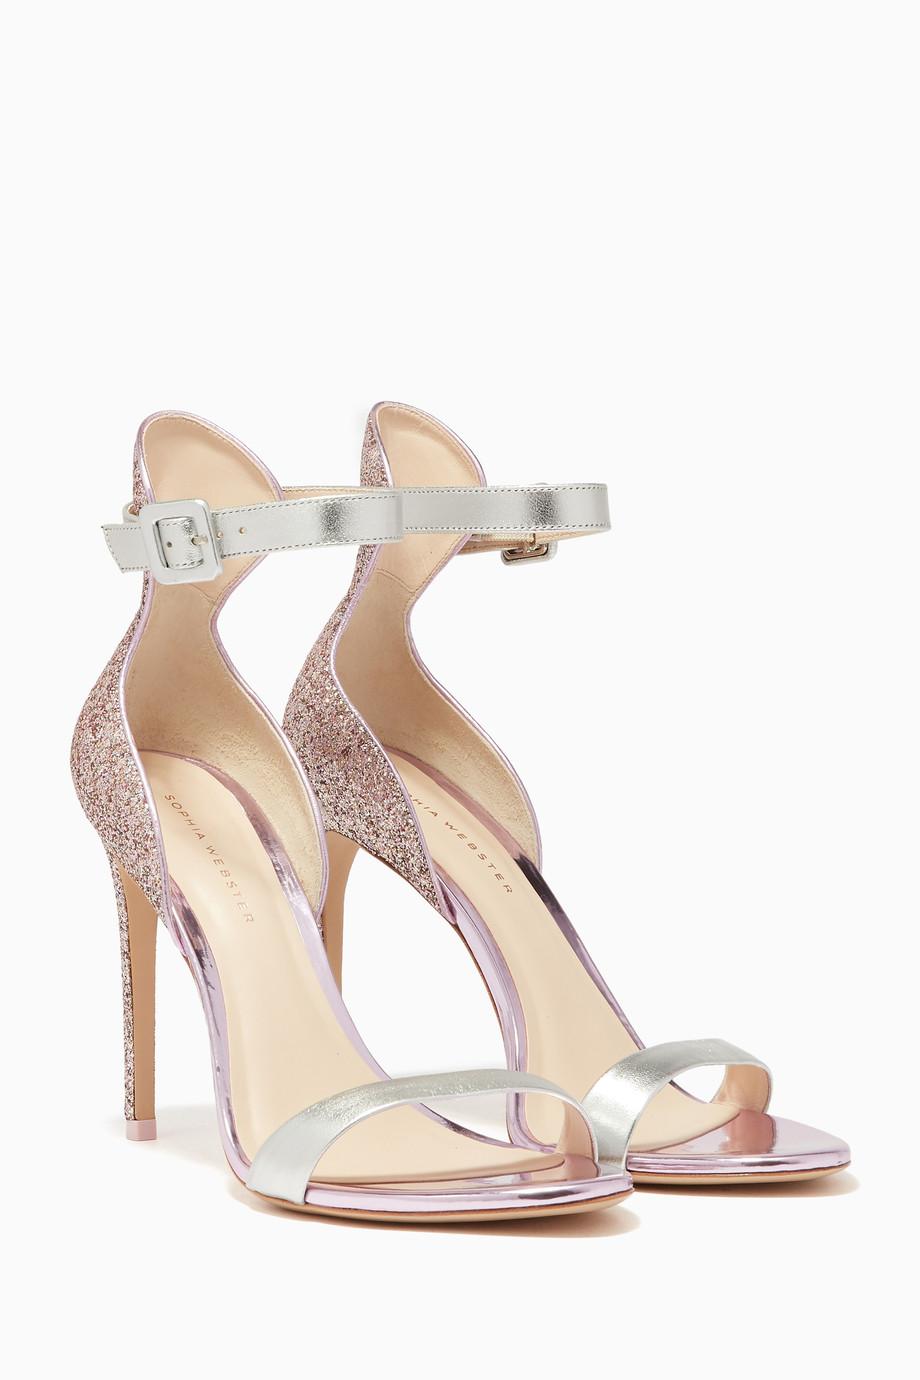 90767294afc 🔥Shop Sophia Webster Pink Pink Glitter-Embellished Nicole Sandals ...